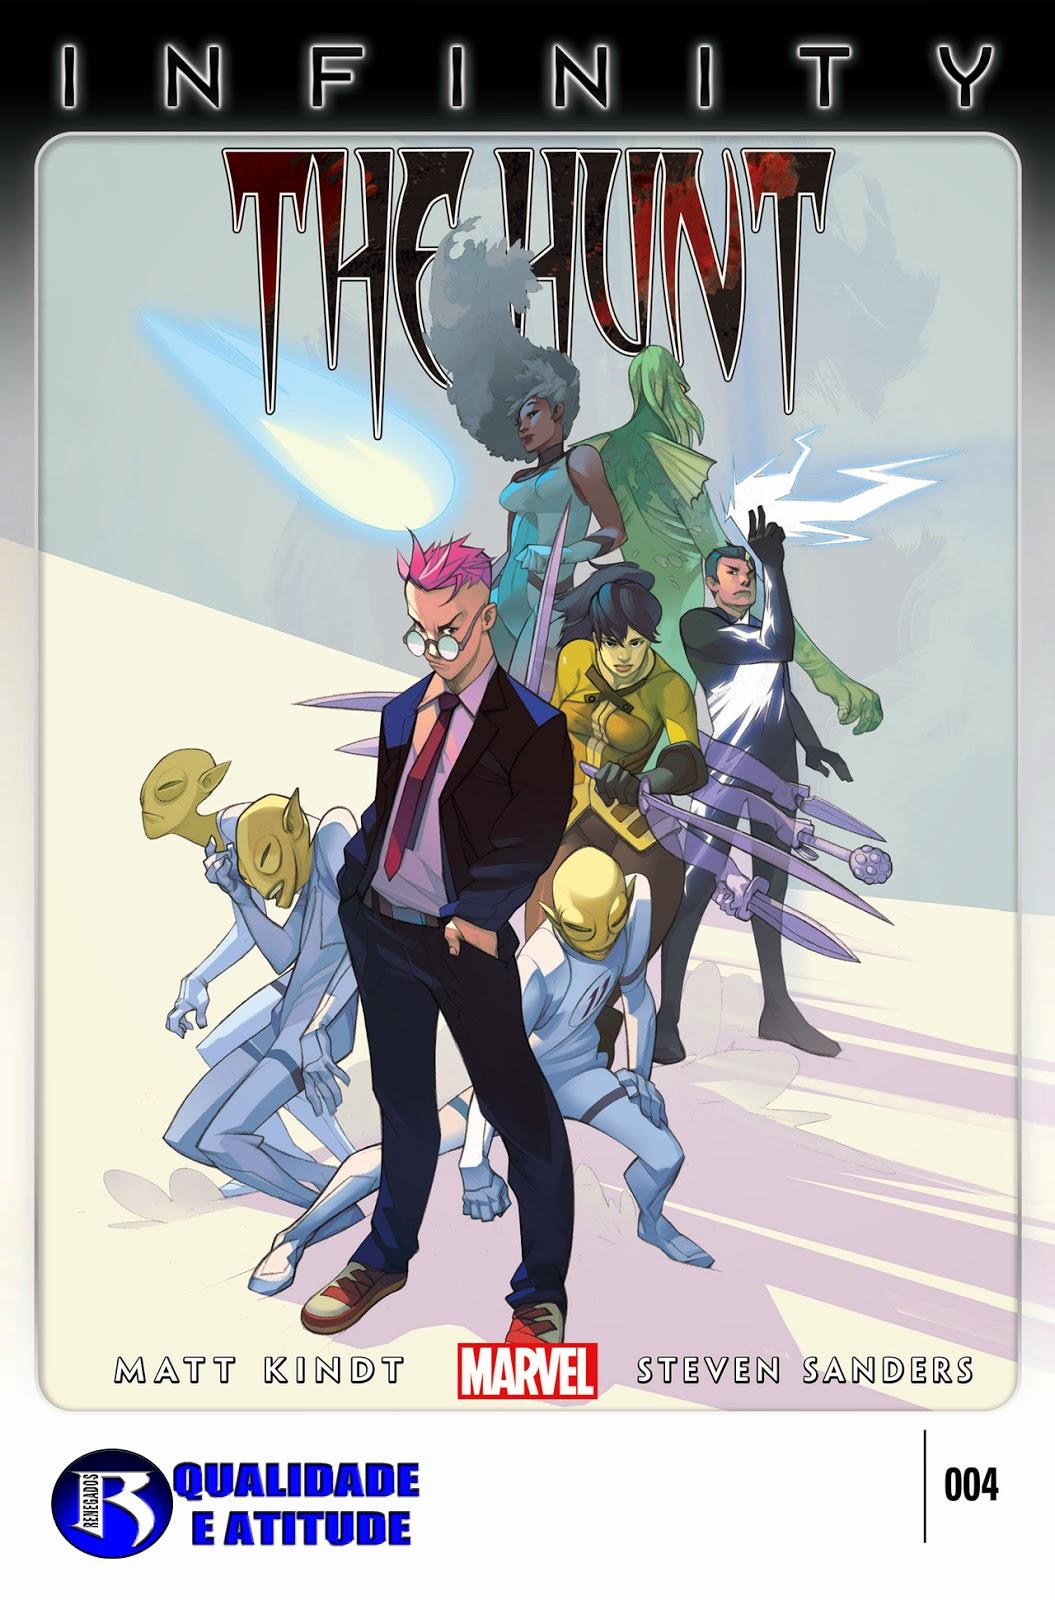 Nova Marvel! Infinito: A Caçada #4